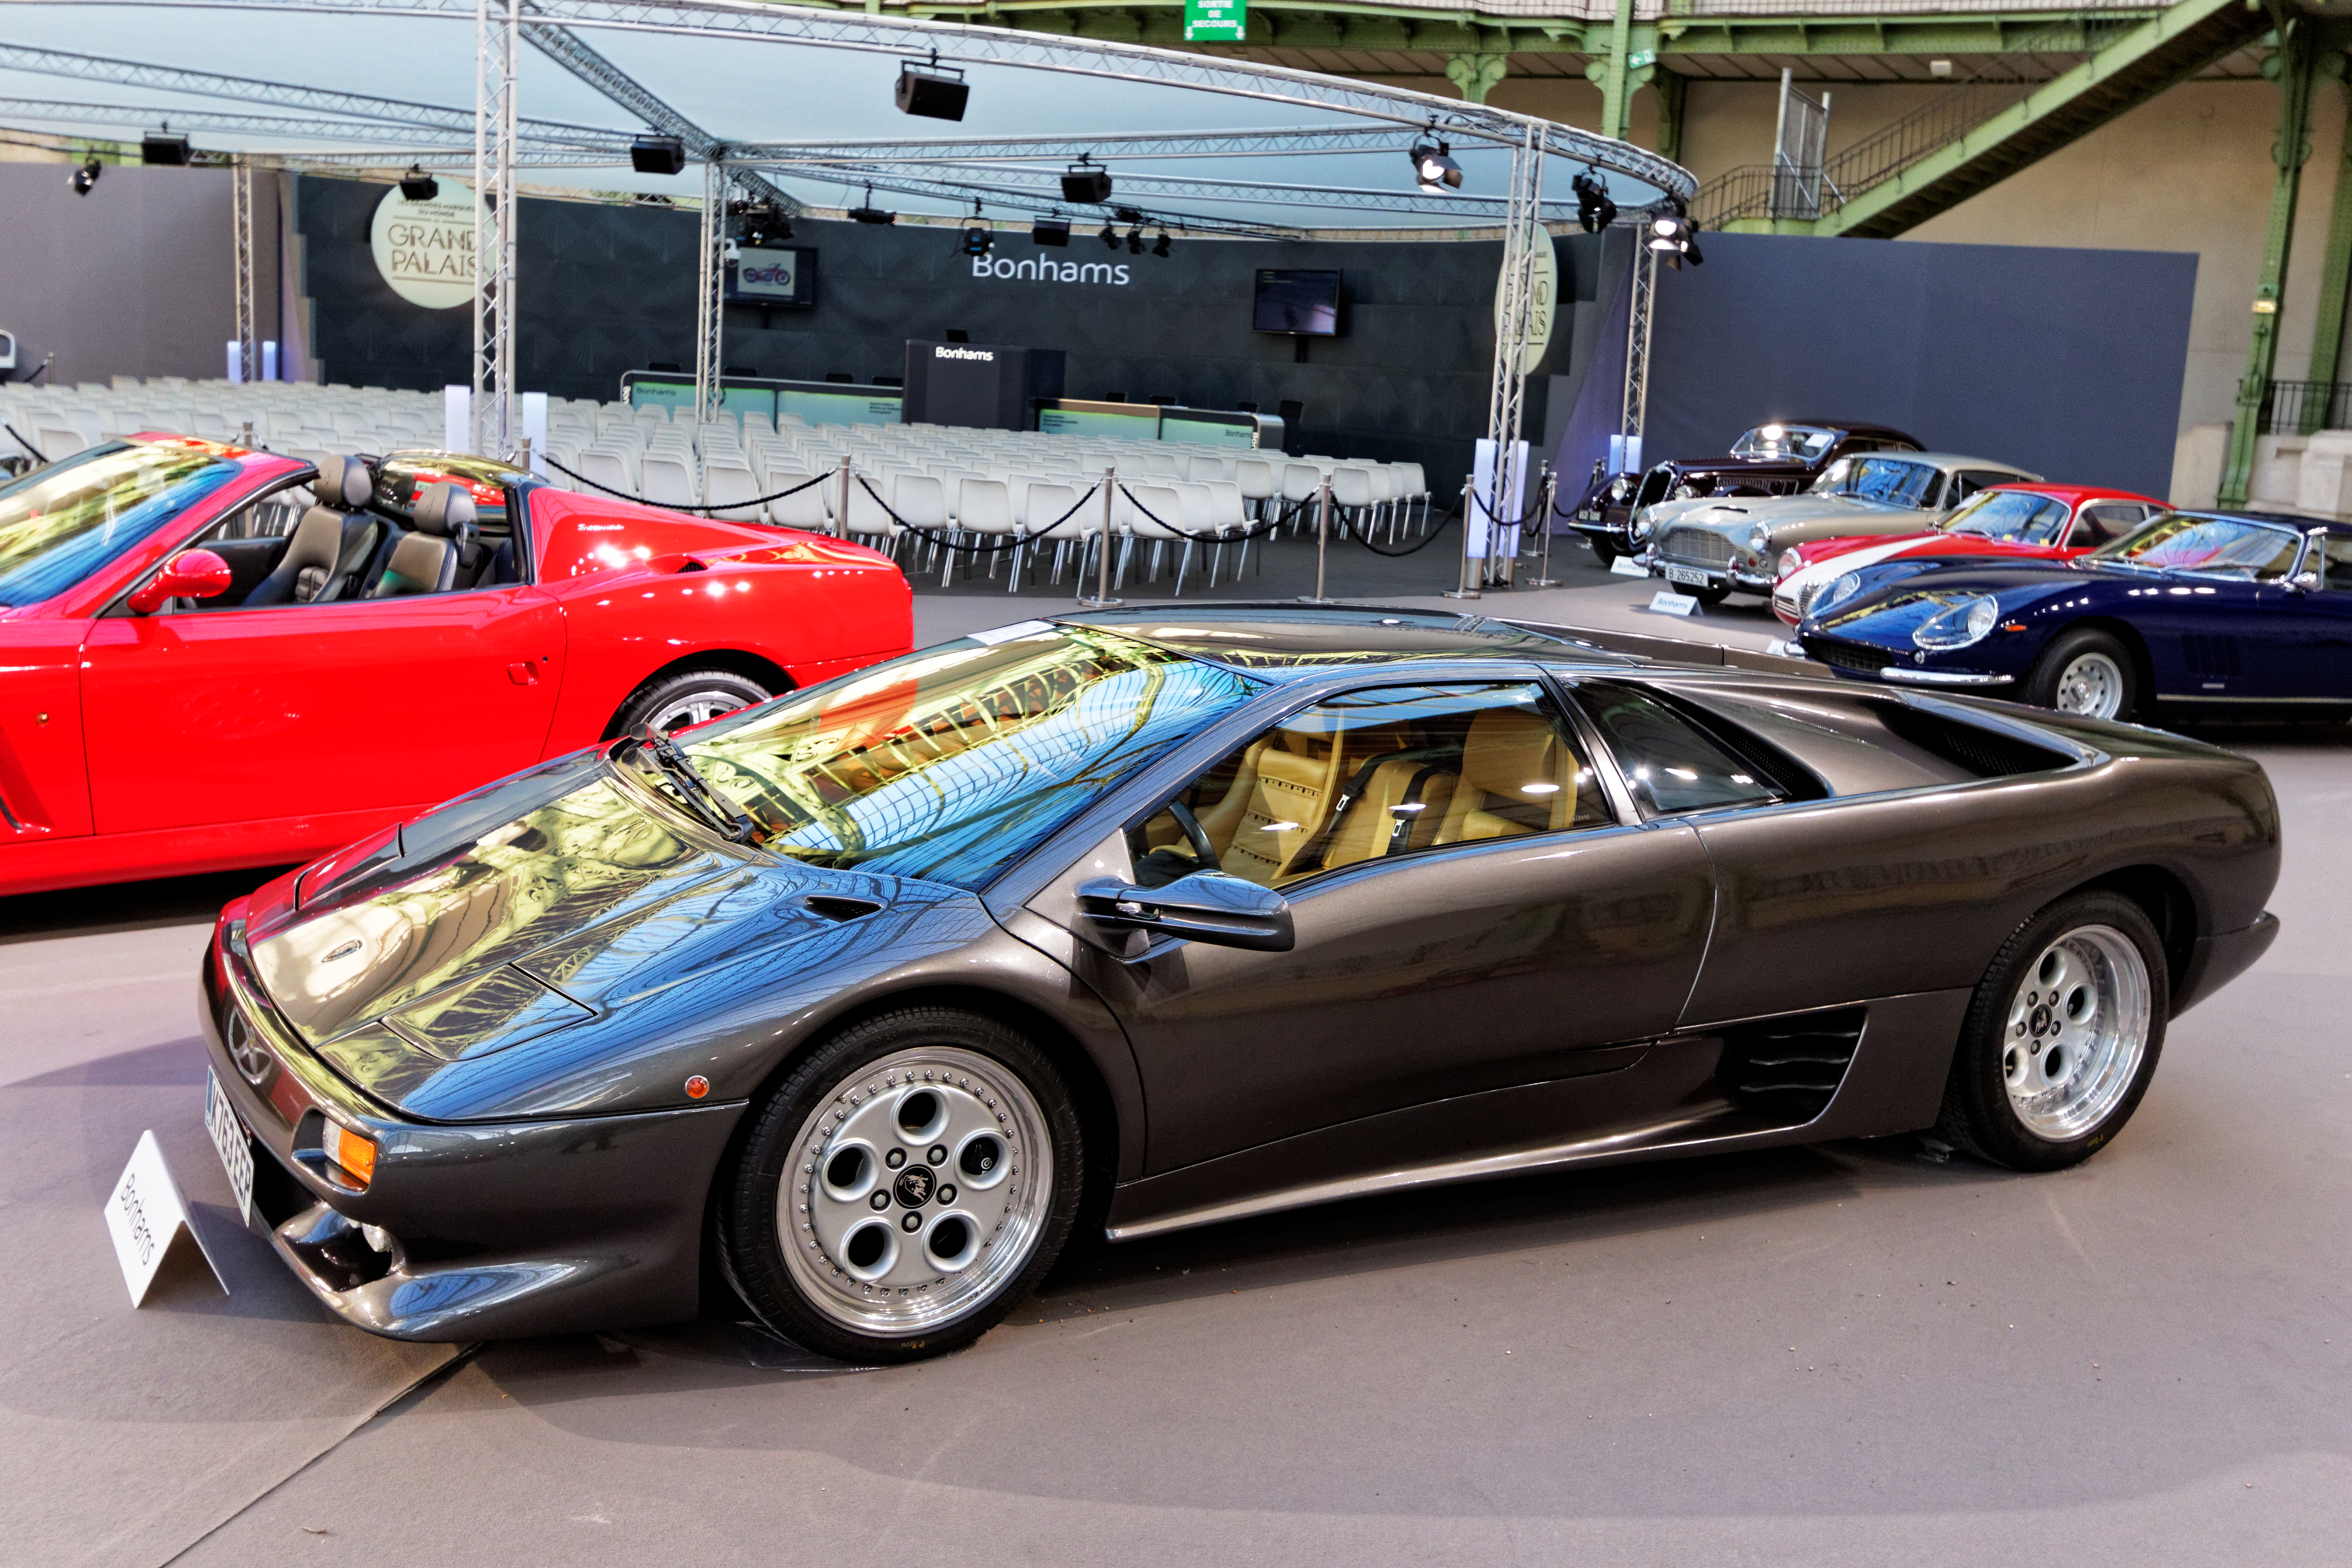 https://upload.wikimedia.org/wikipedia/commons/e/e3/Paris_-_Bonhams_2016_-_Lamborghini_Diablo_VT_coup%C3%A9_-_1993_-_001.jpg